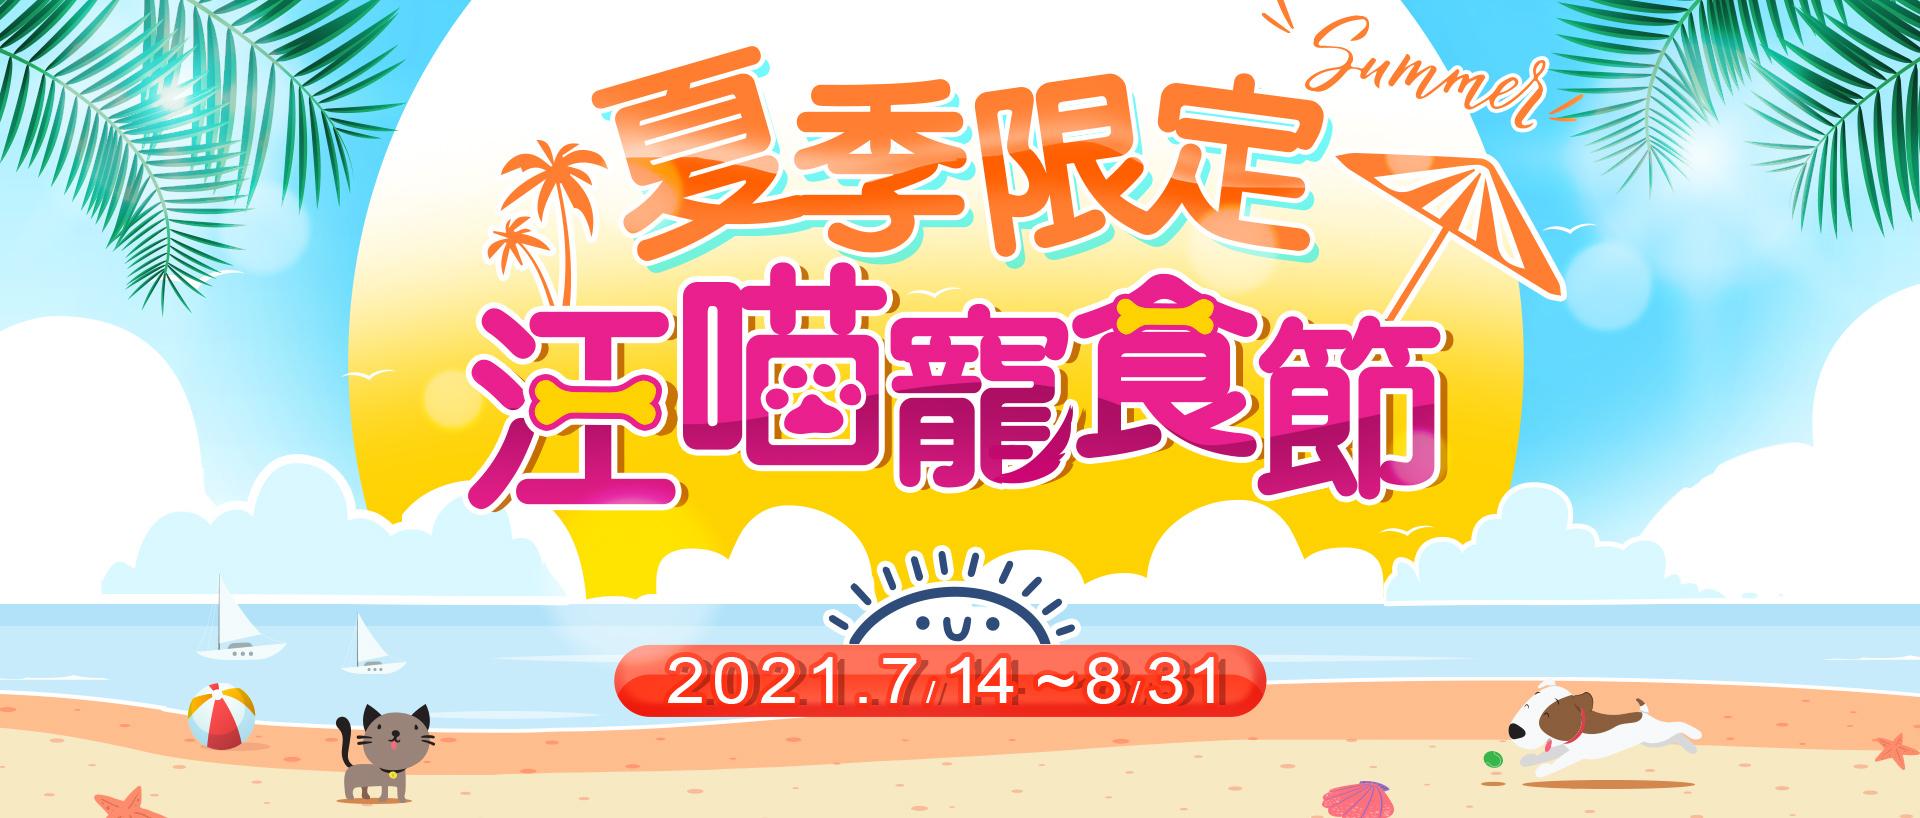 汪喵寵食節 夏季限定  福壽百貨店